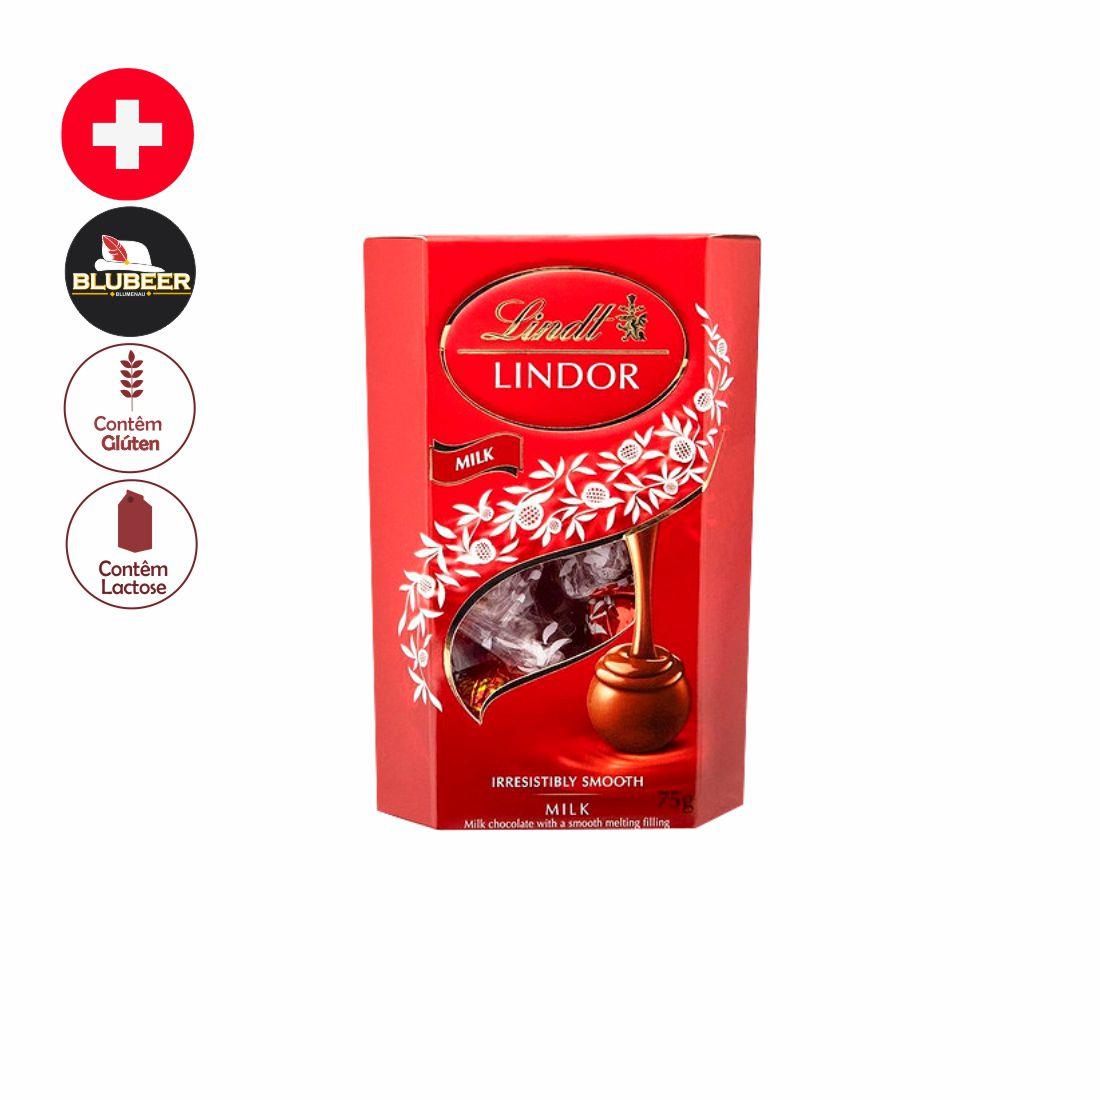 CHOCOLATE LINDOR CORNET AO LEITE 75G